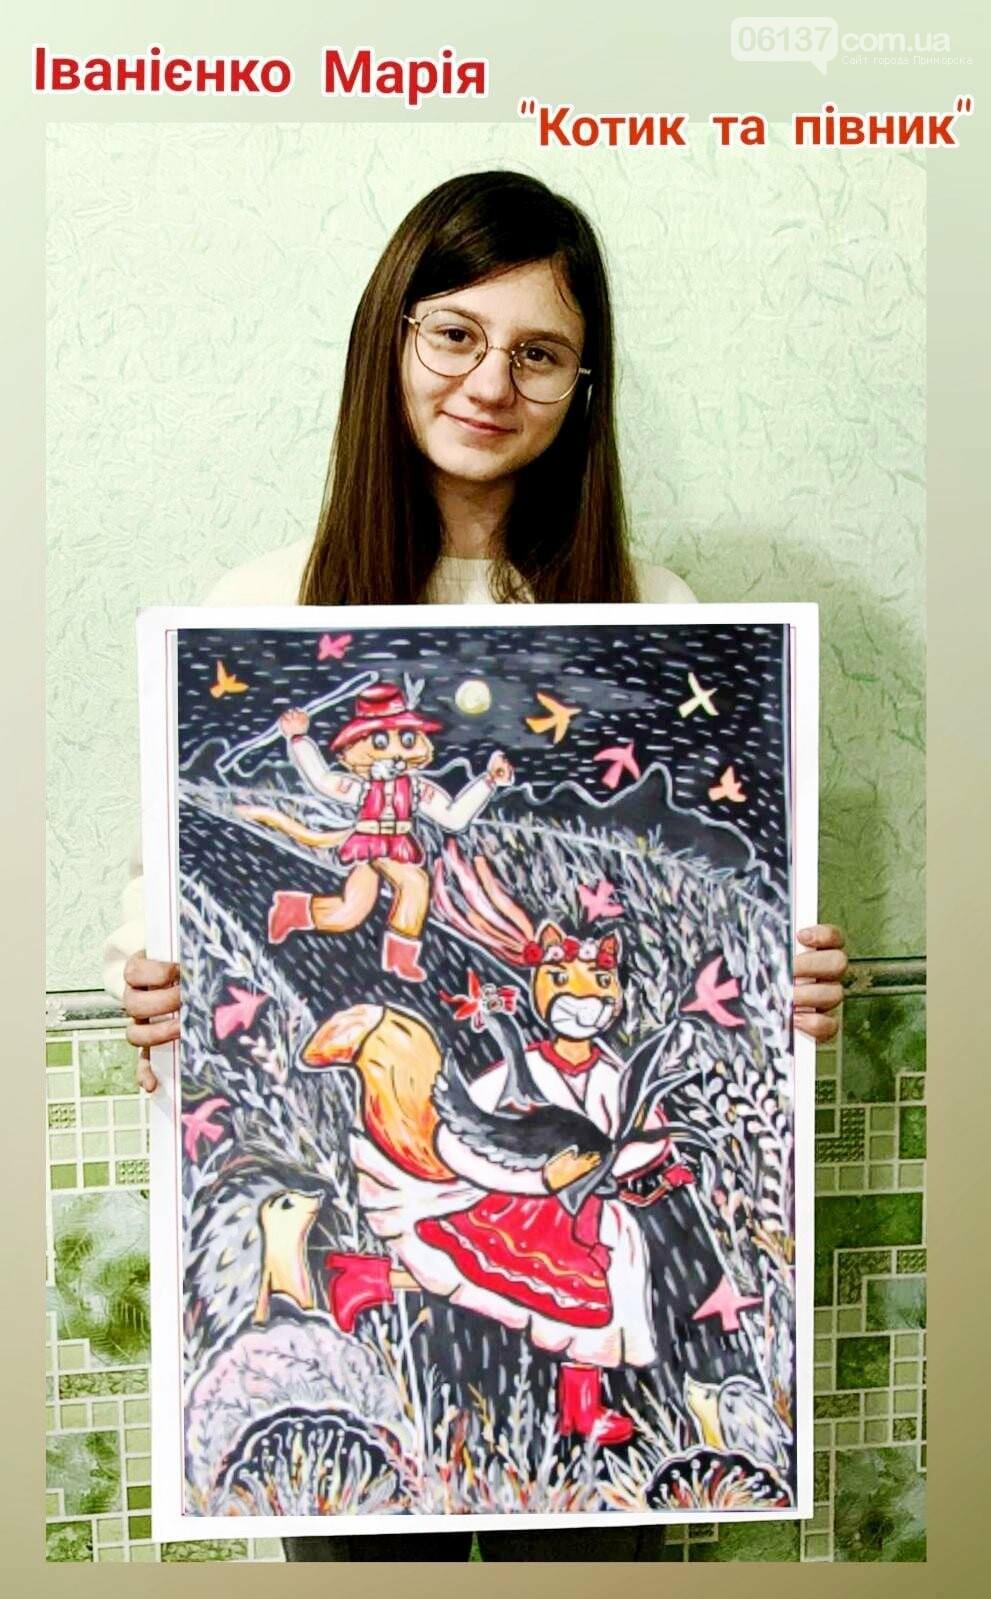 Вихованці Приморської мистецької школи стали лауреатами Міжнародного конкурсу малюнку, фото-2